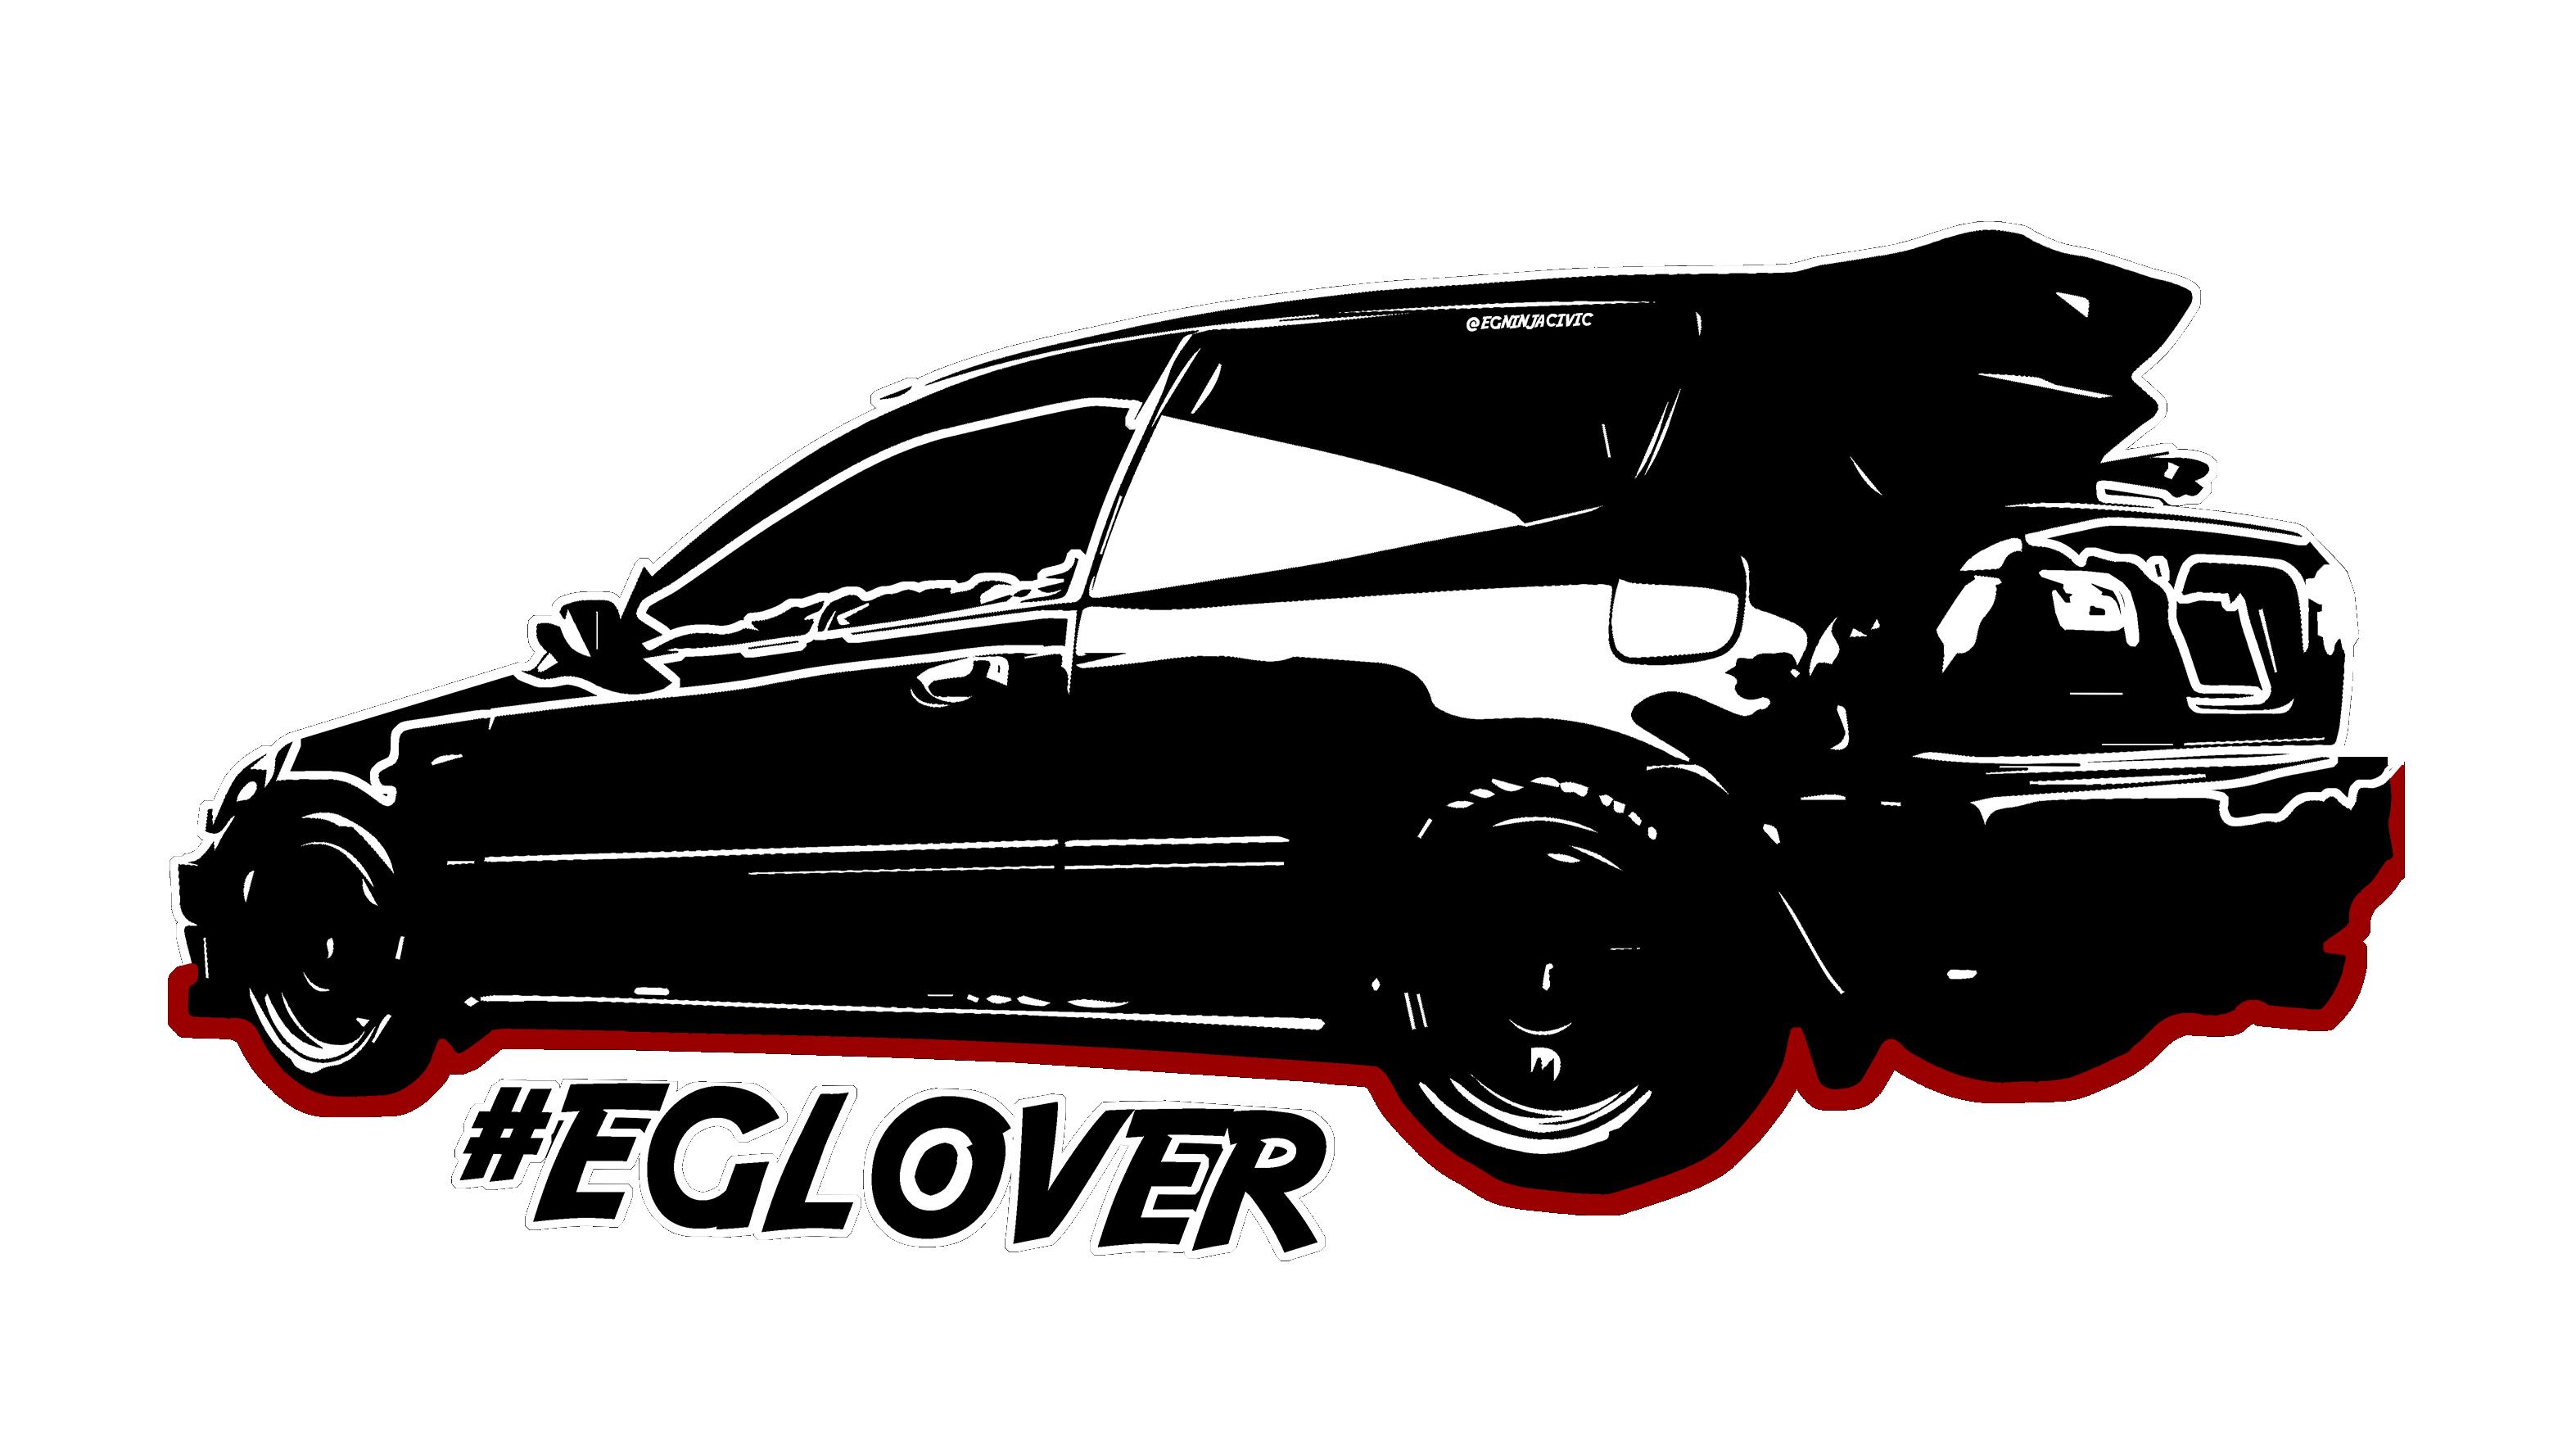 EG LOVERS DESIGN